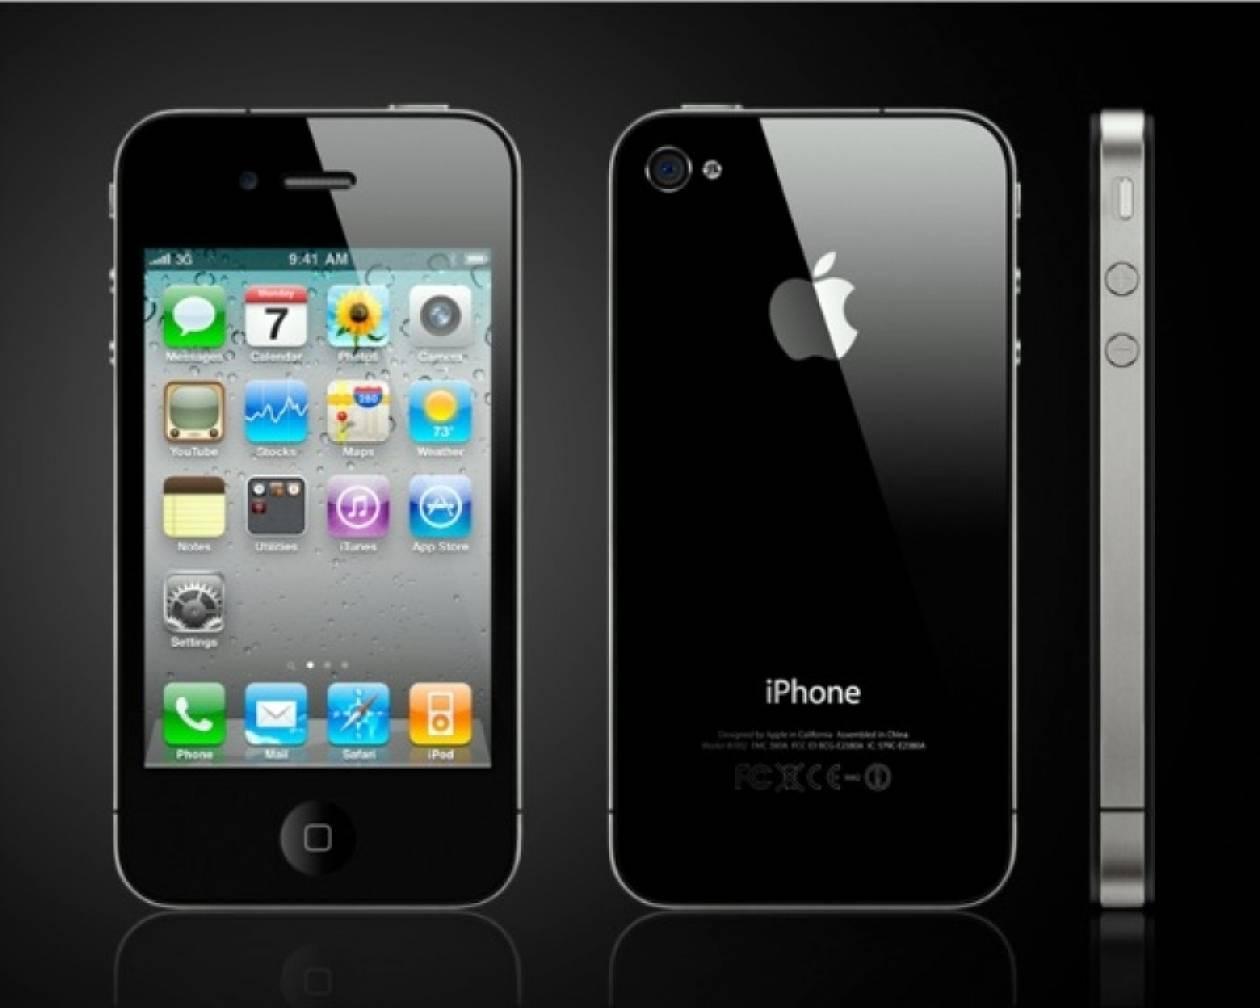 Ένας στους πέντε κατόχους iPhone 4S μετανιώνει για την αγορά του